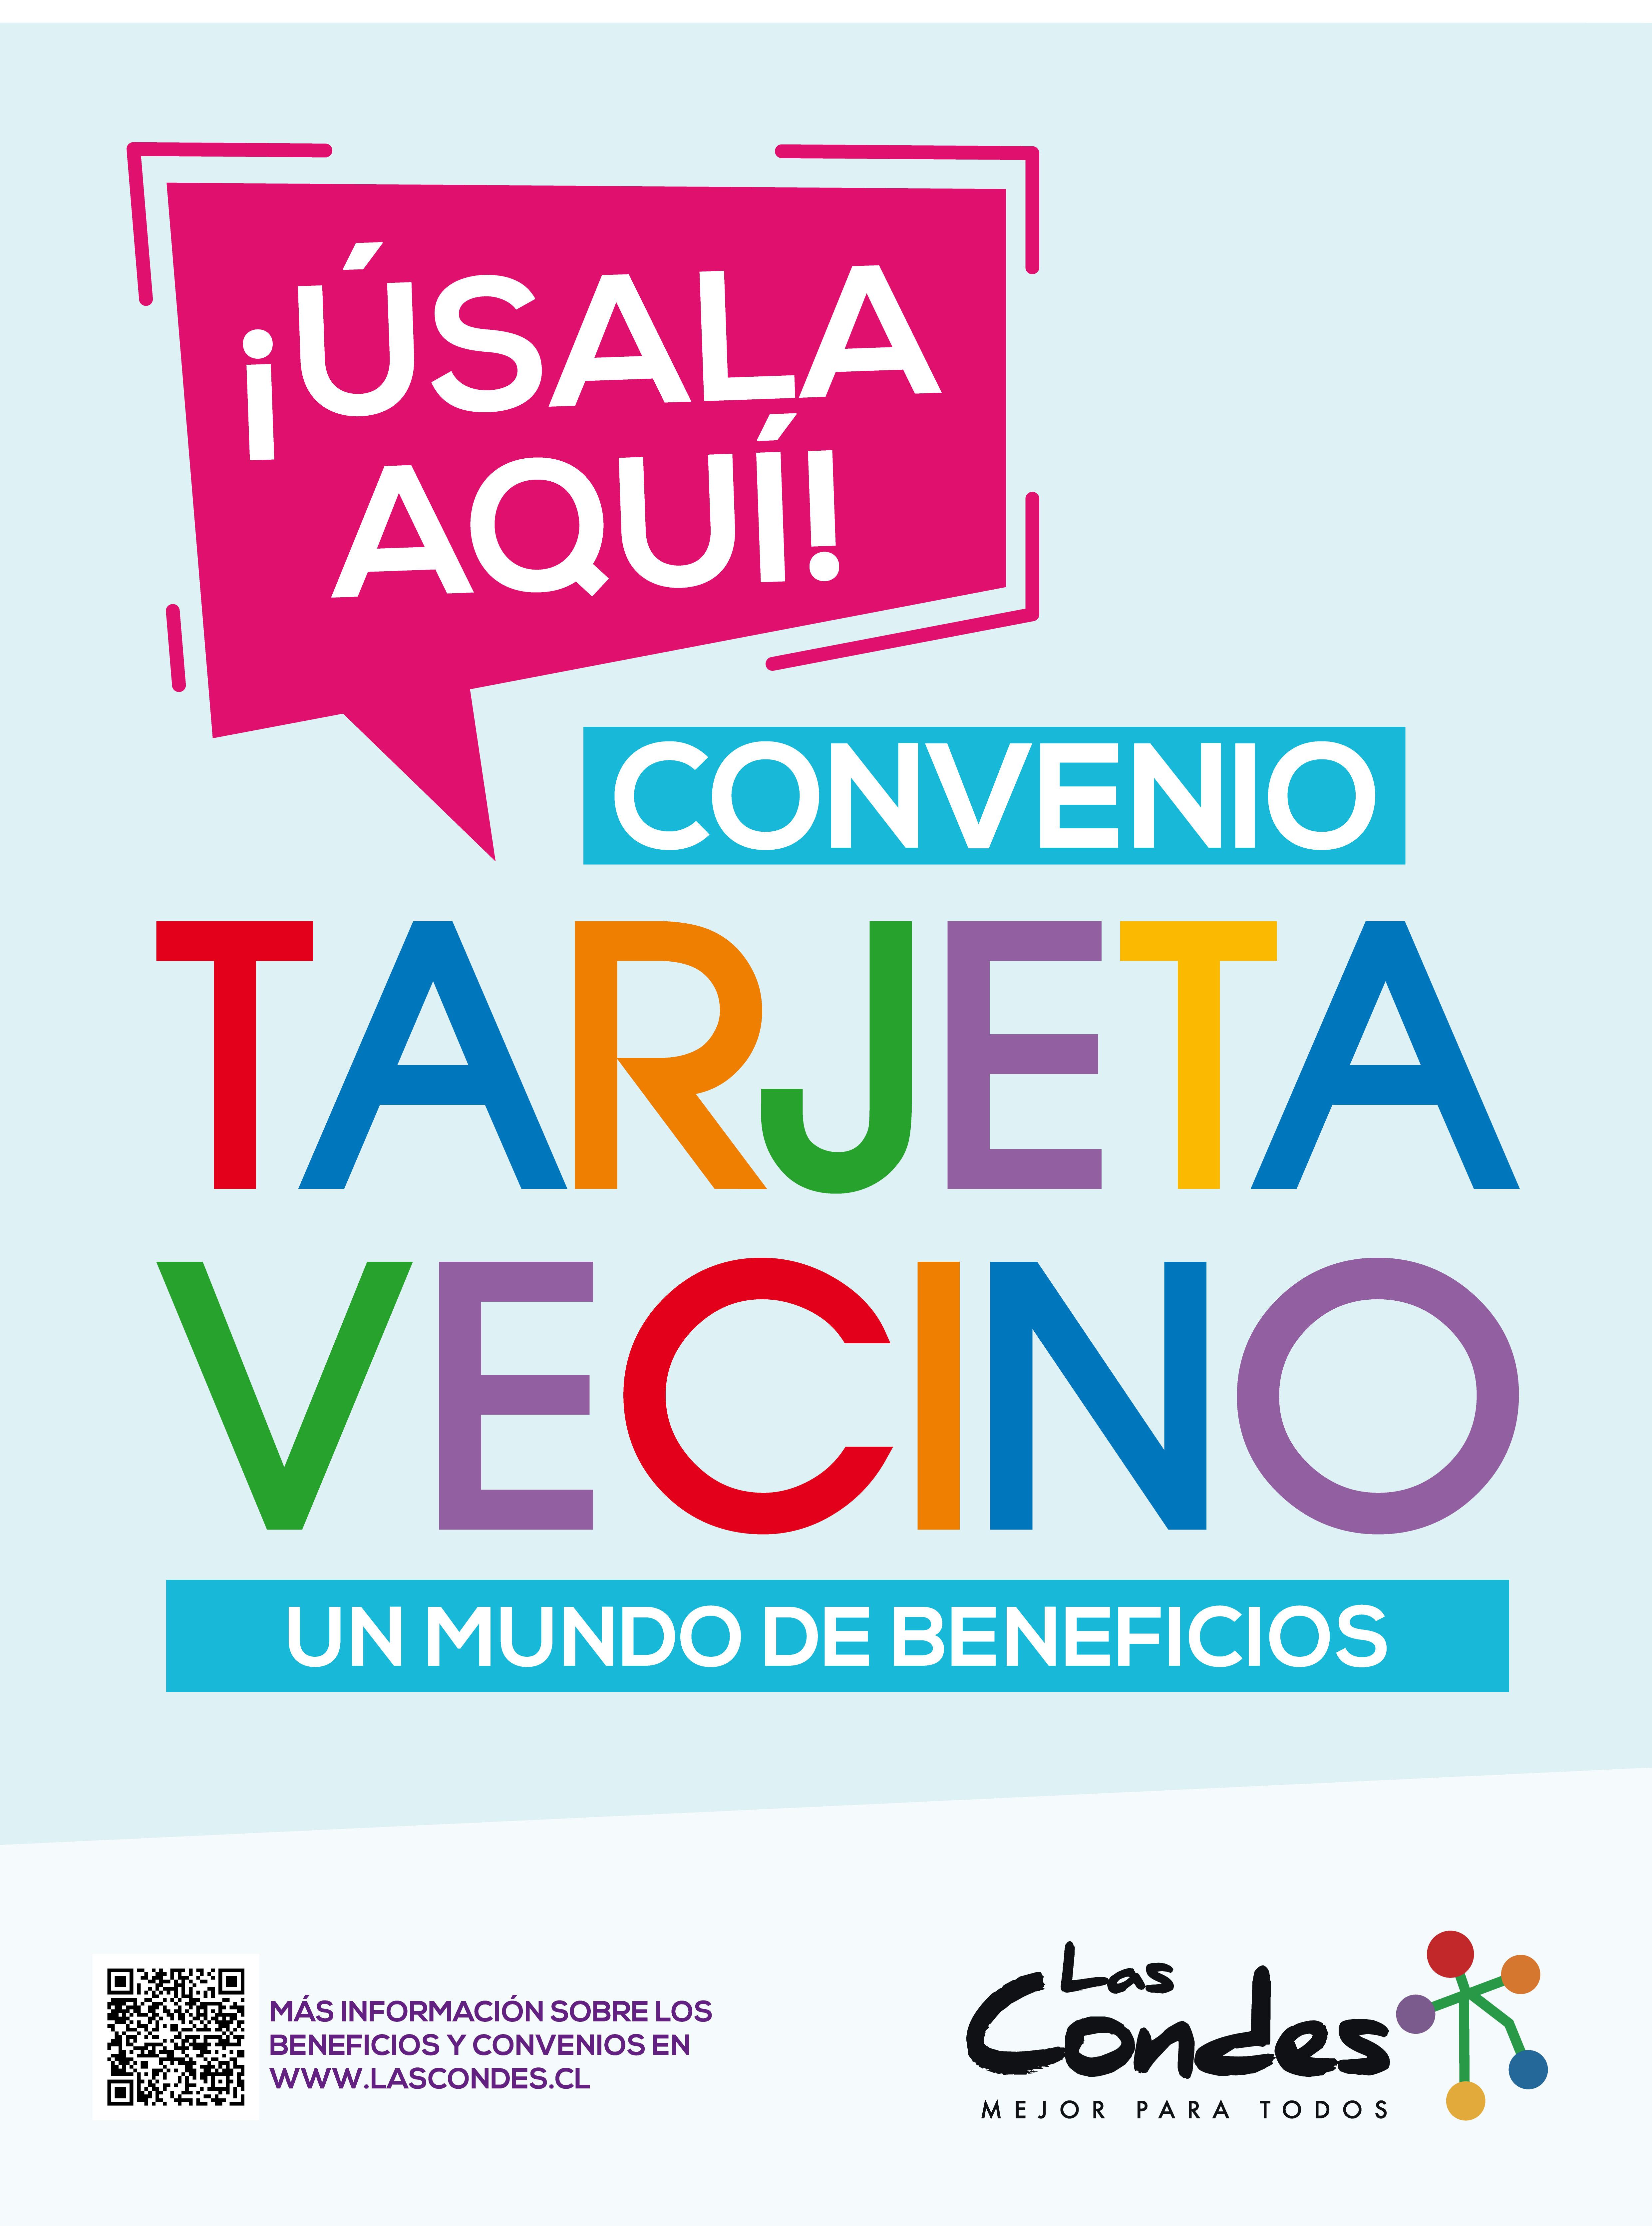 Convenio Curso Excel - Tarjeta Vecino Las Condes